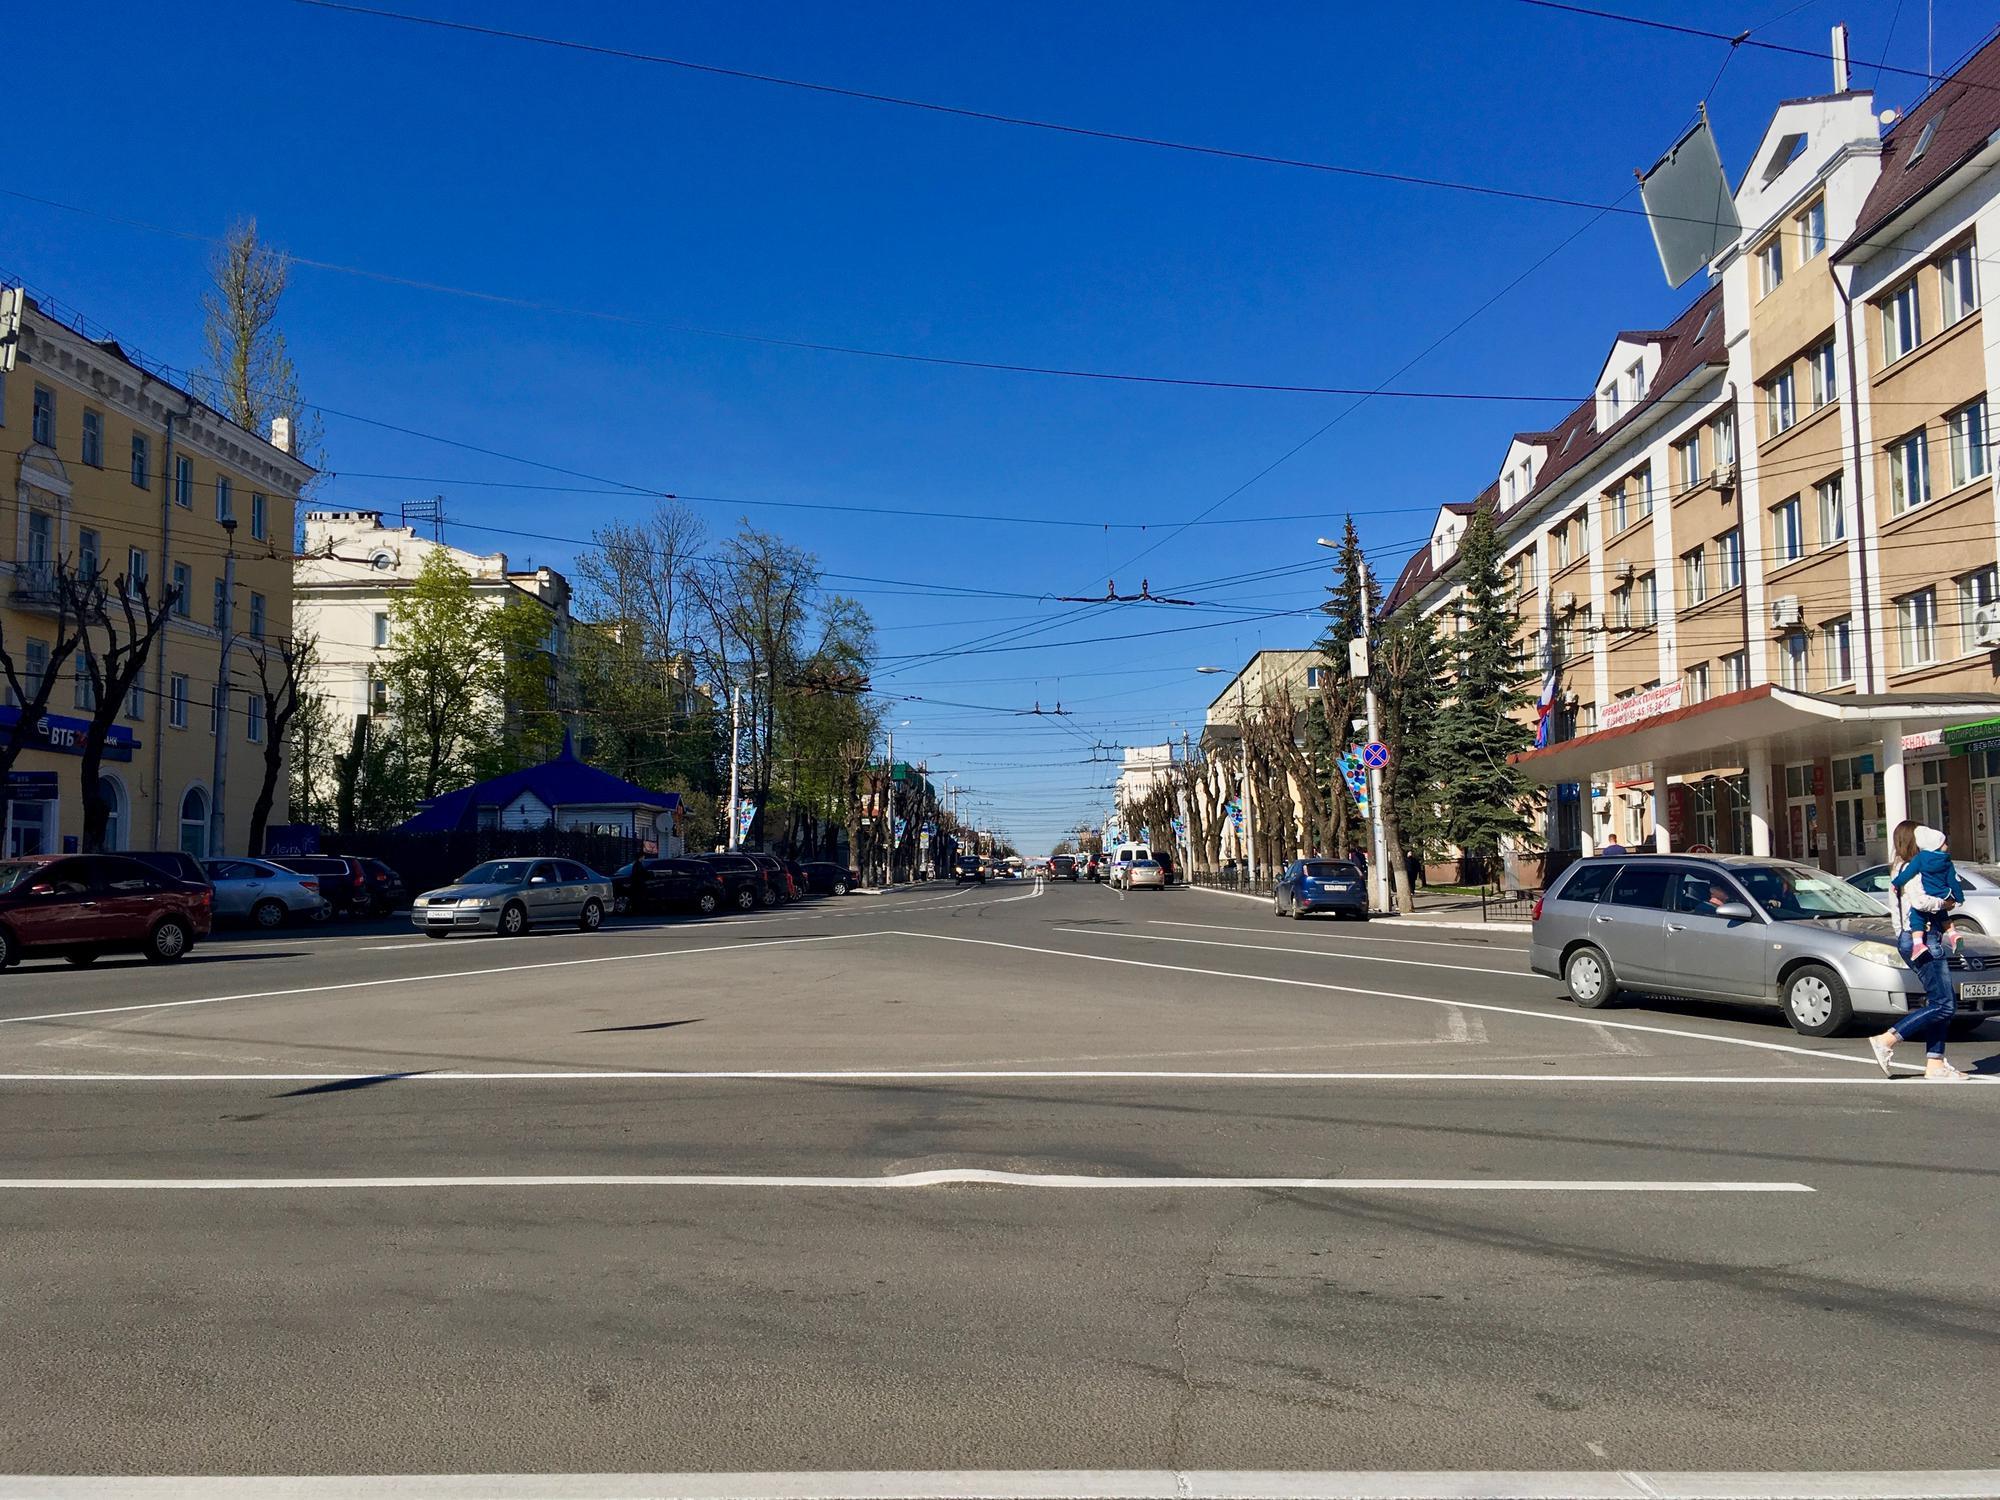 🇷🇺 Калуга, Россия, апрель 2017.